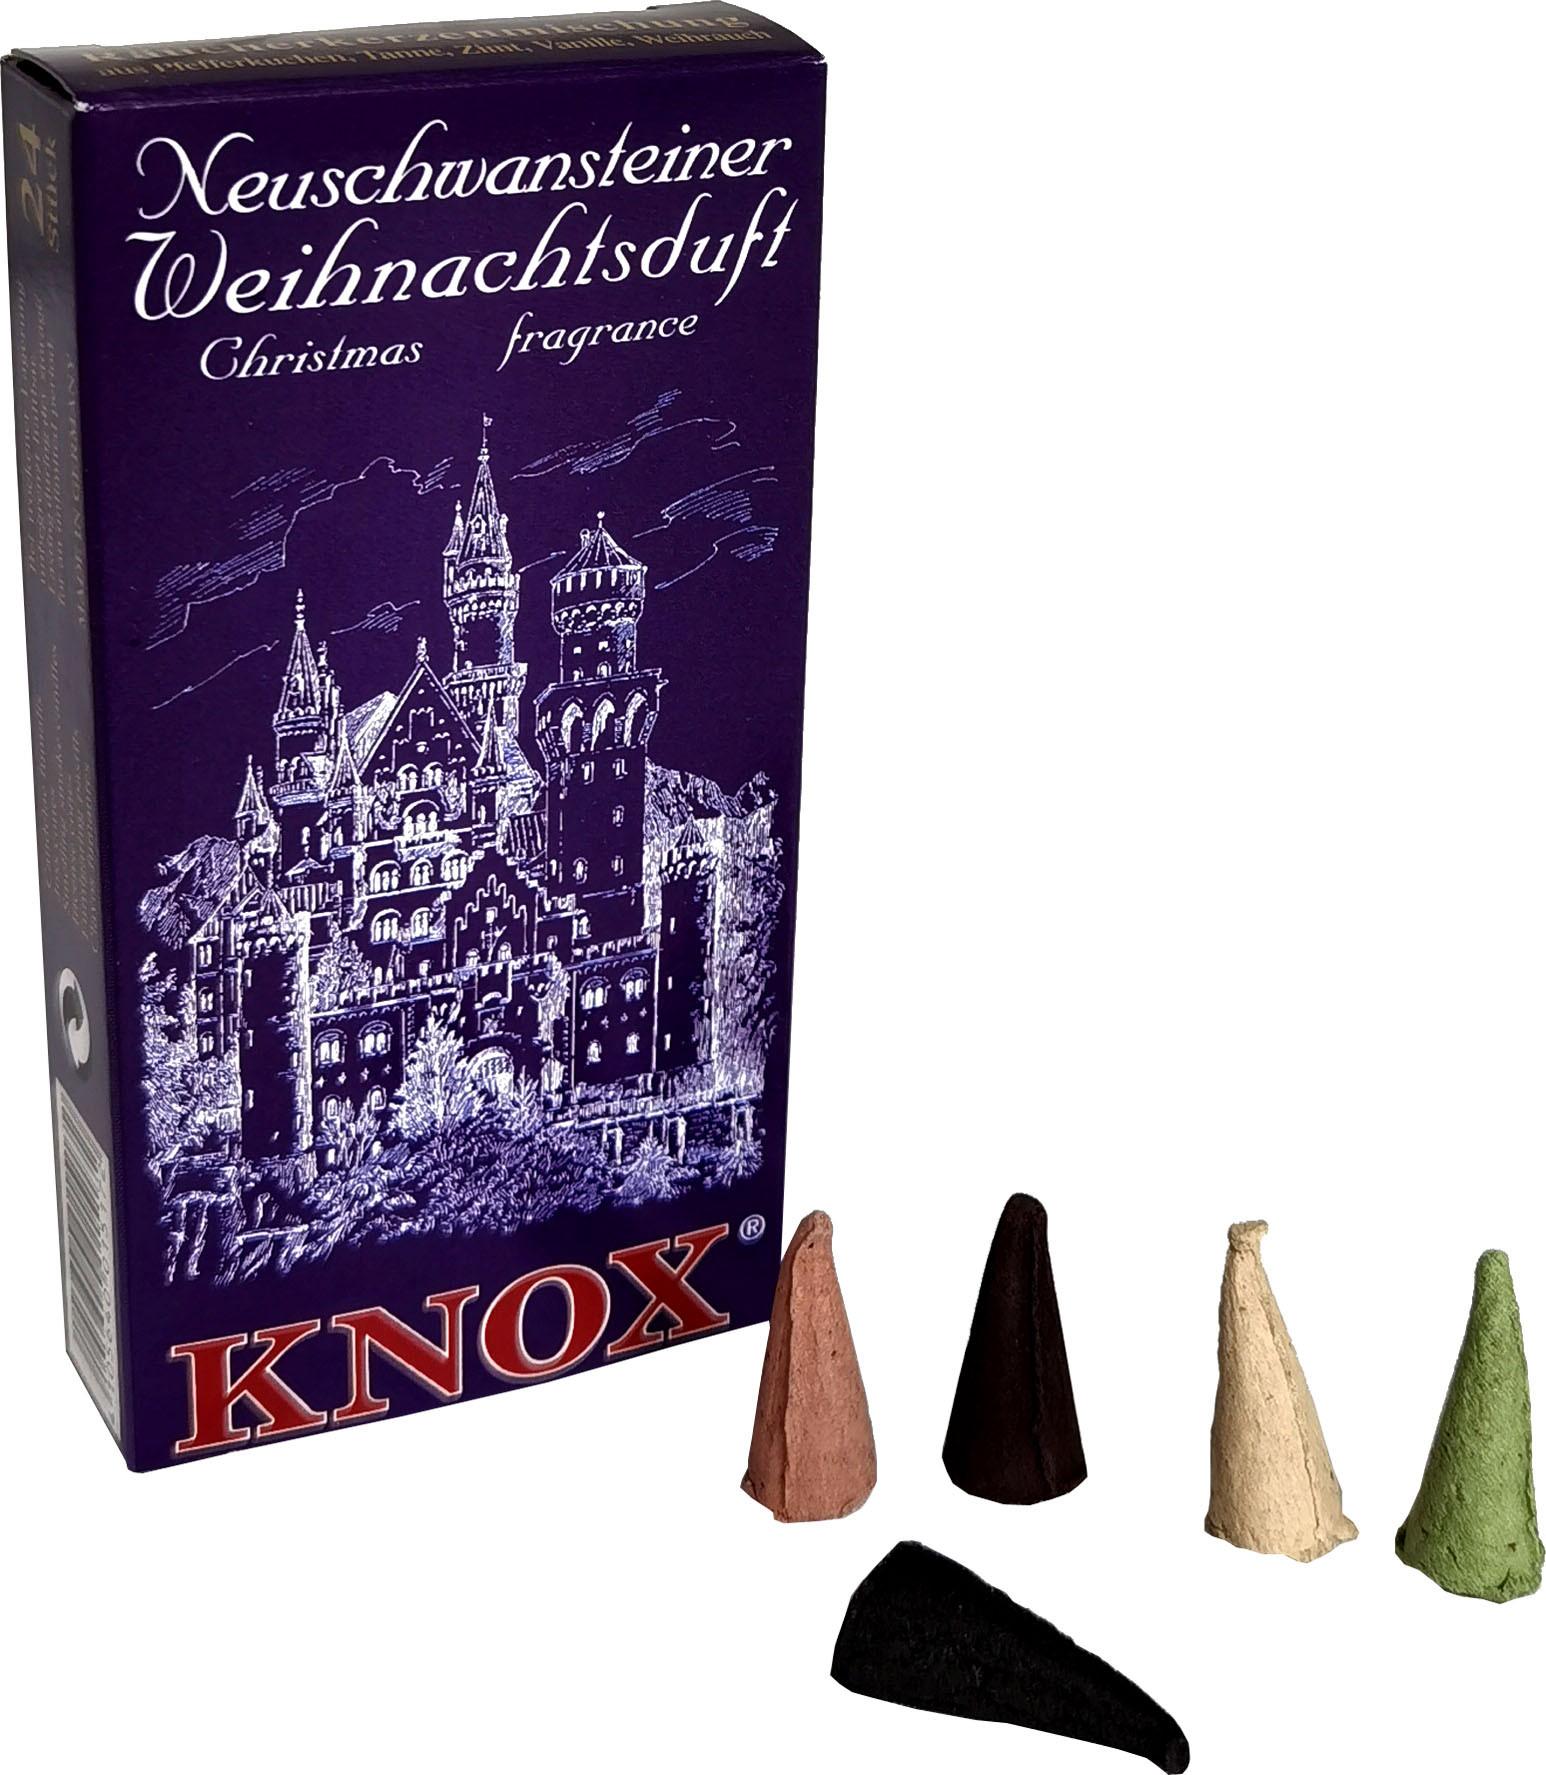 KNOX Räucherkerzen - Städteduft - Neuschwansteiner Weihnachtsduft